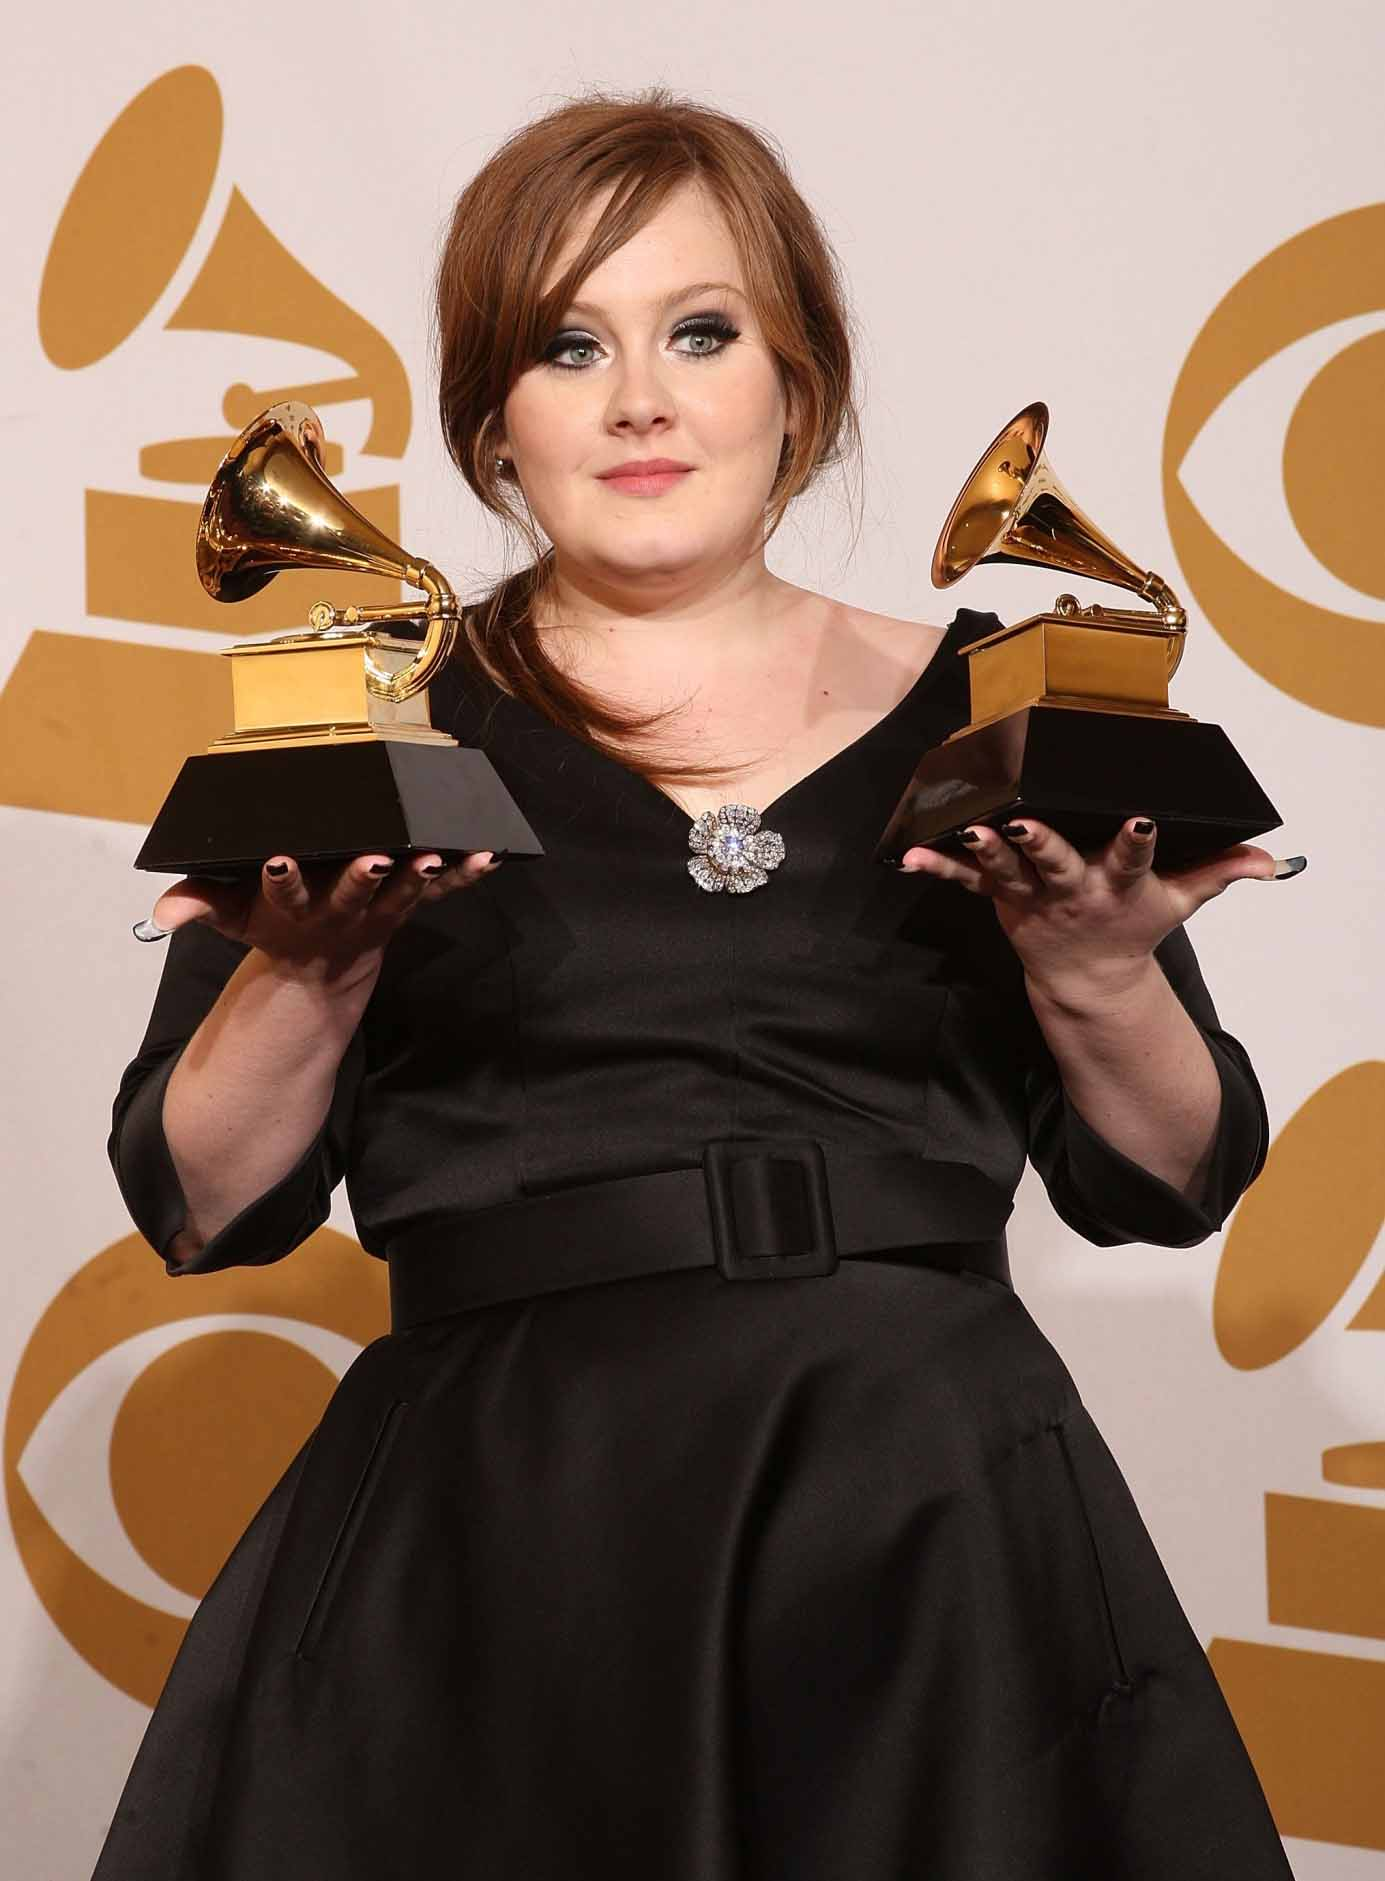 阿黛尔总收入8500万英镑 成英国有史以来最富有女歌手 [有看点]